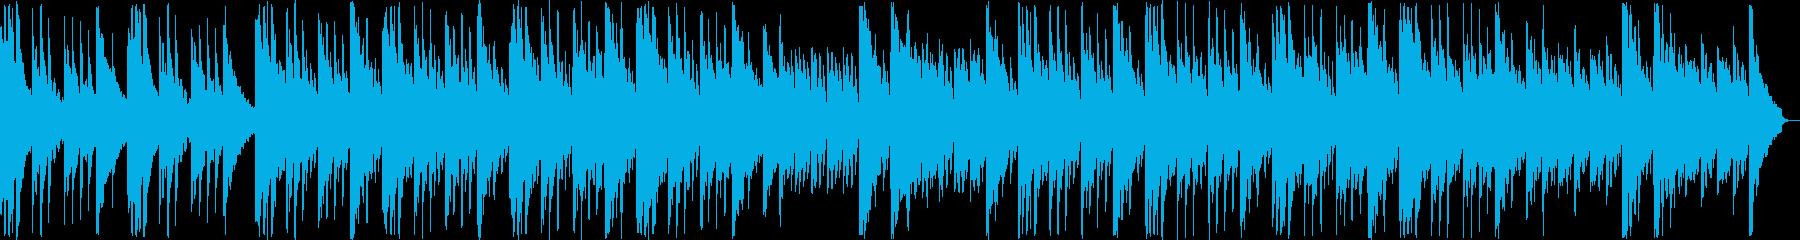 ゆっくりと安らぎのギター・シンセサウンドの再生済みの波形